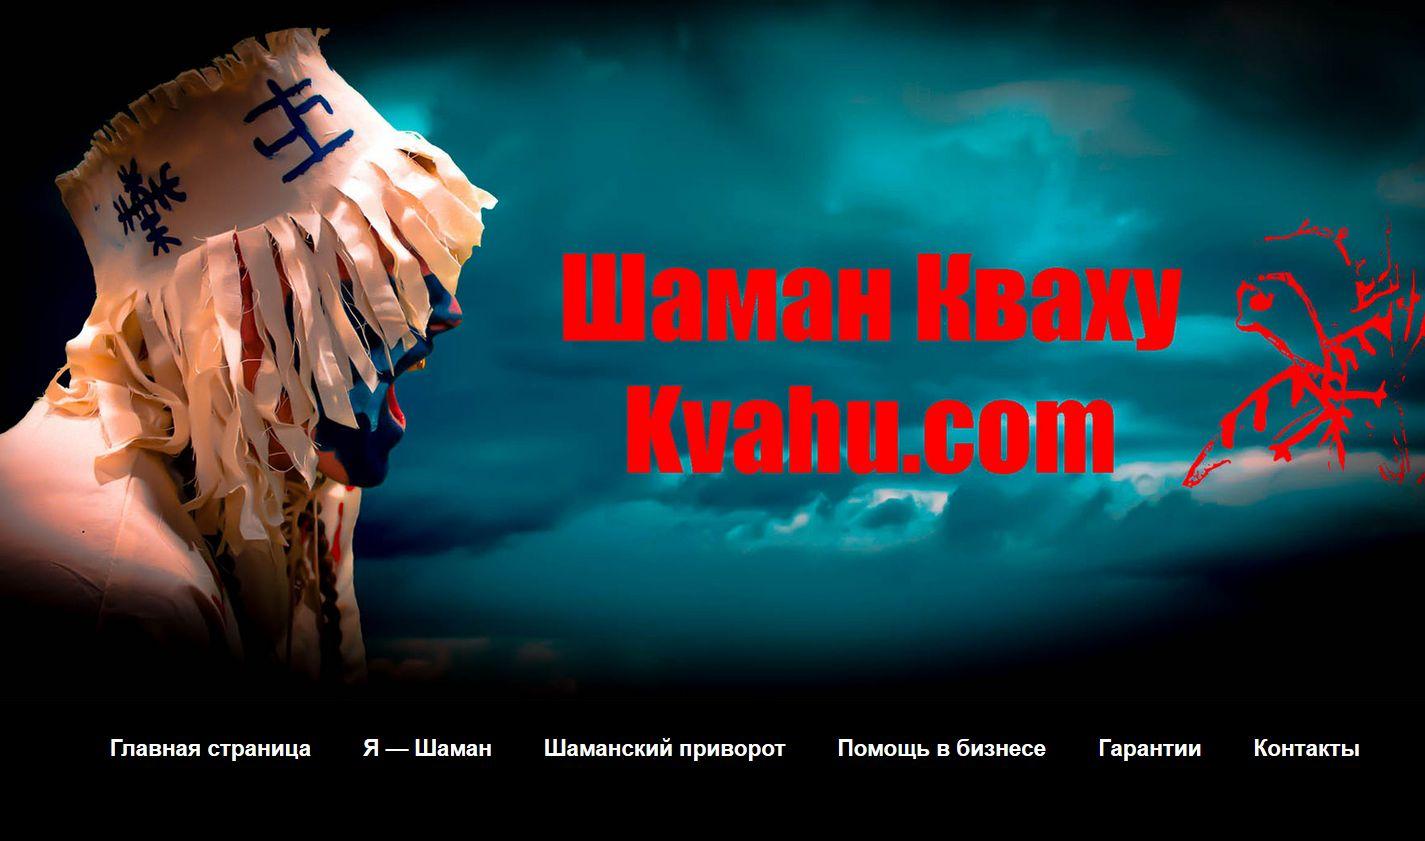 Шаман Кваху отзывы